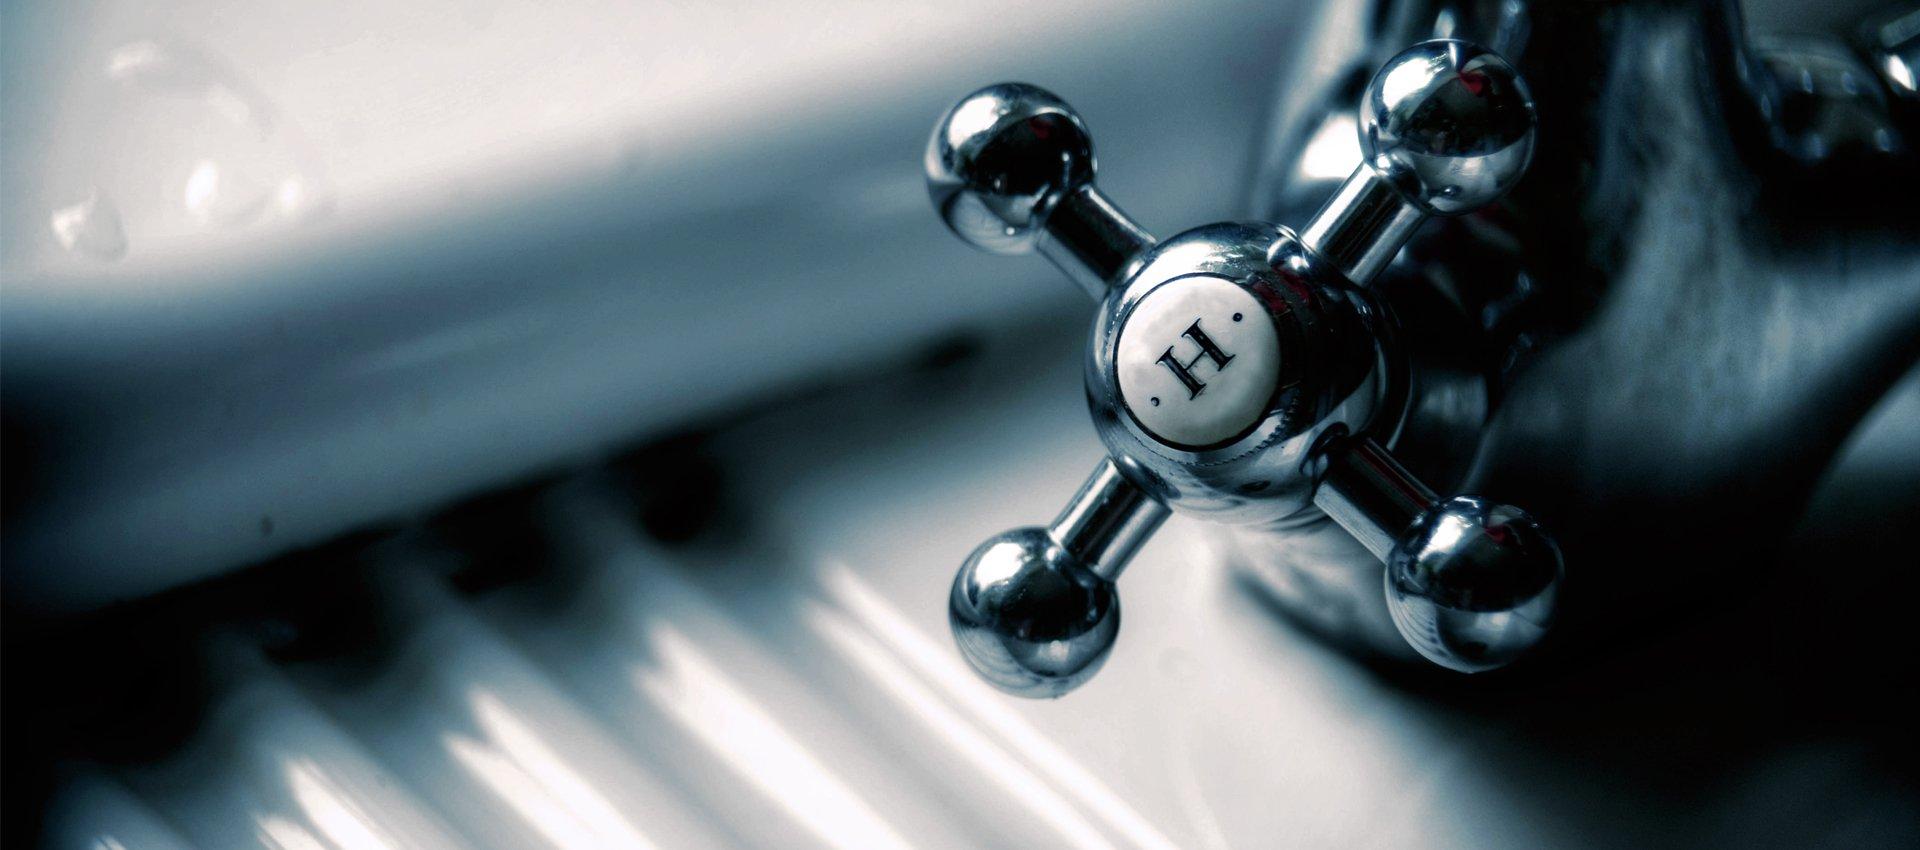 Heating and plumbing